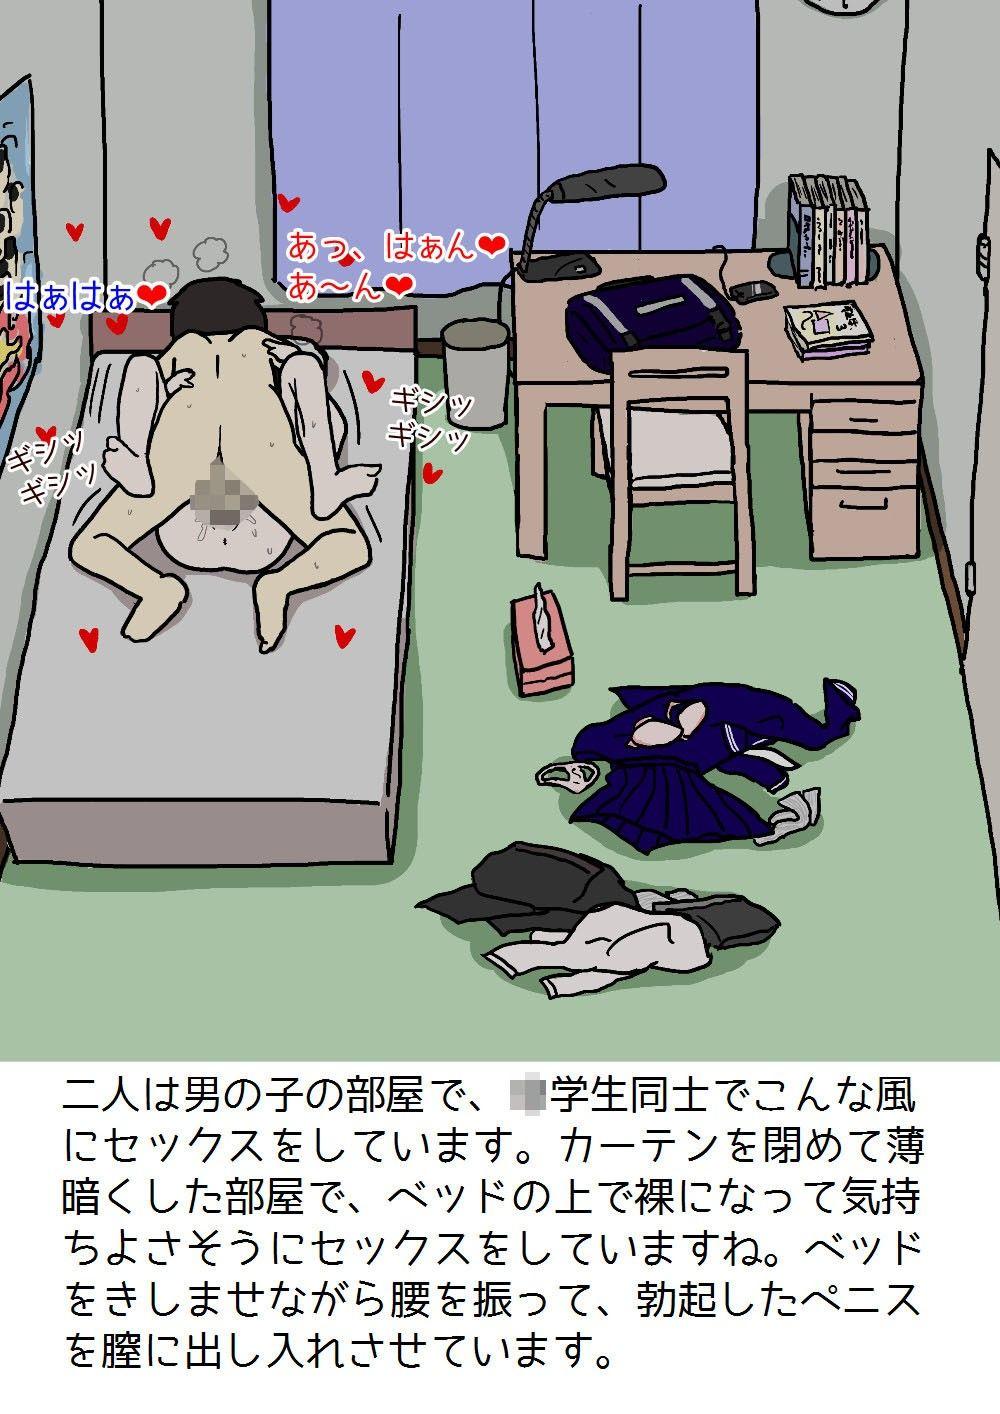 エロ漫画 断面図 子宮